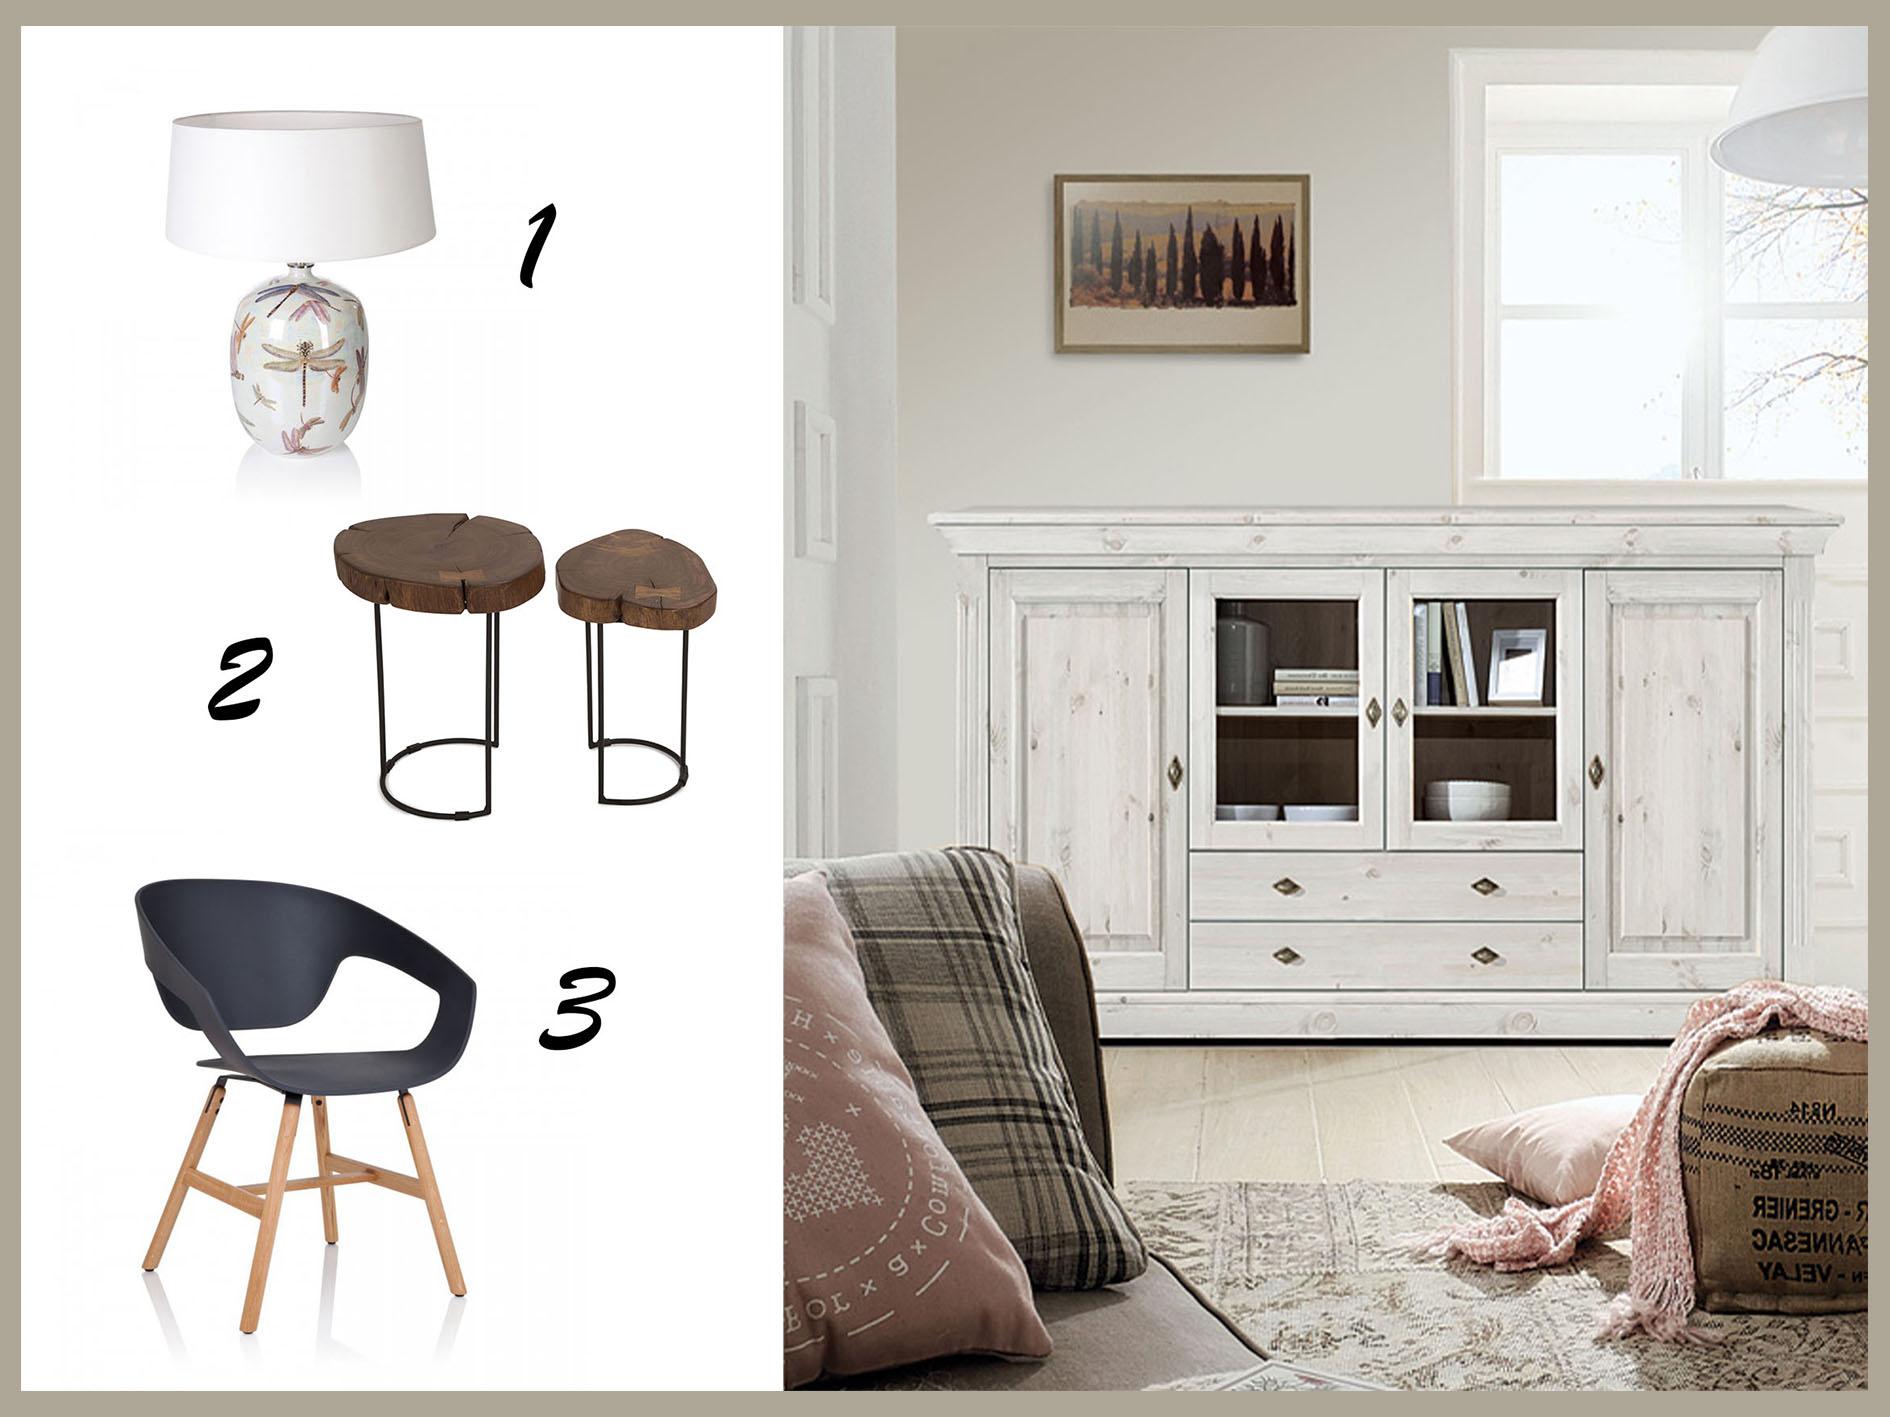 Beispiele für Vegane Möbel